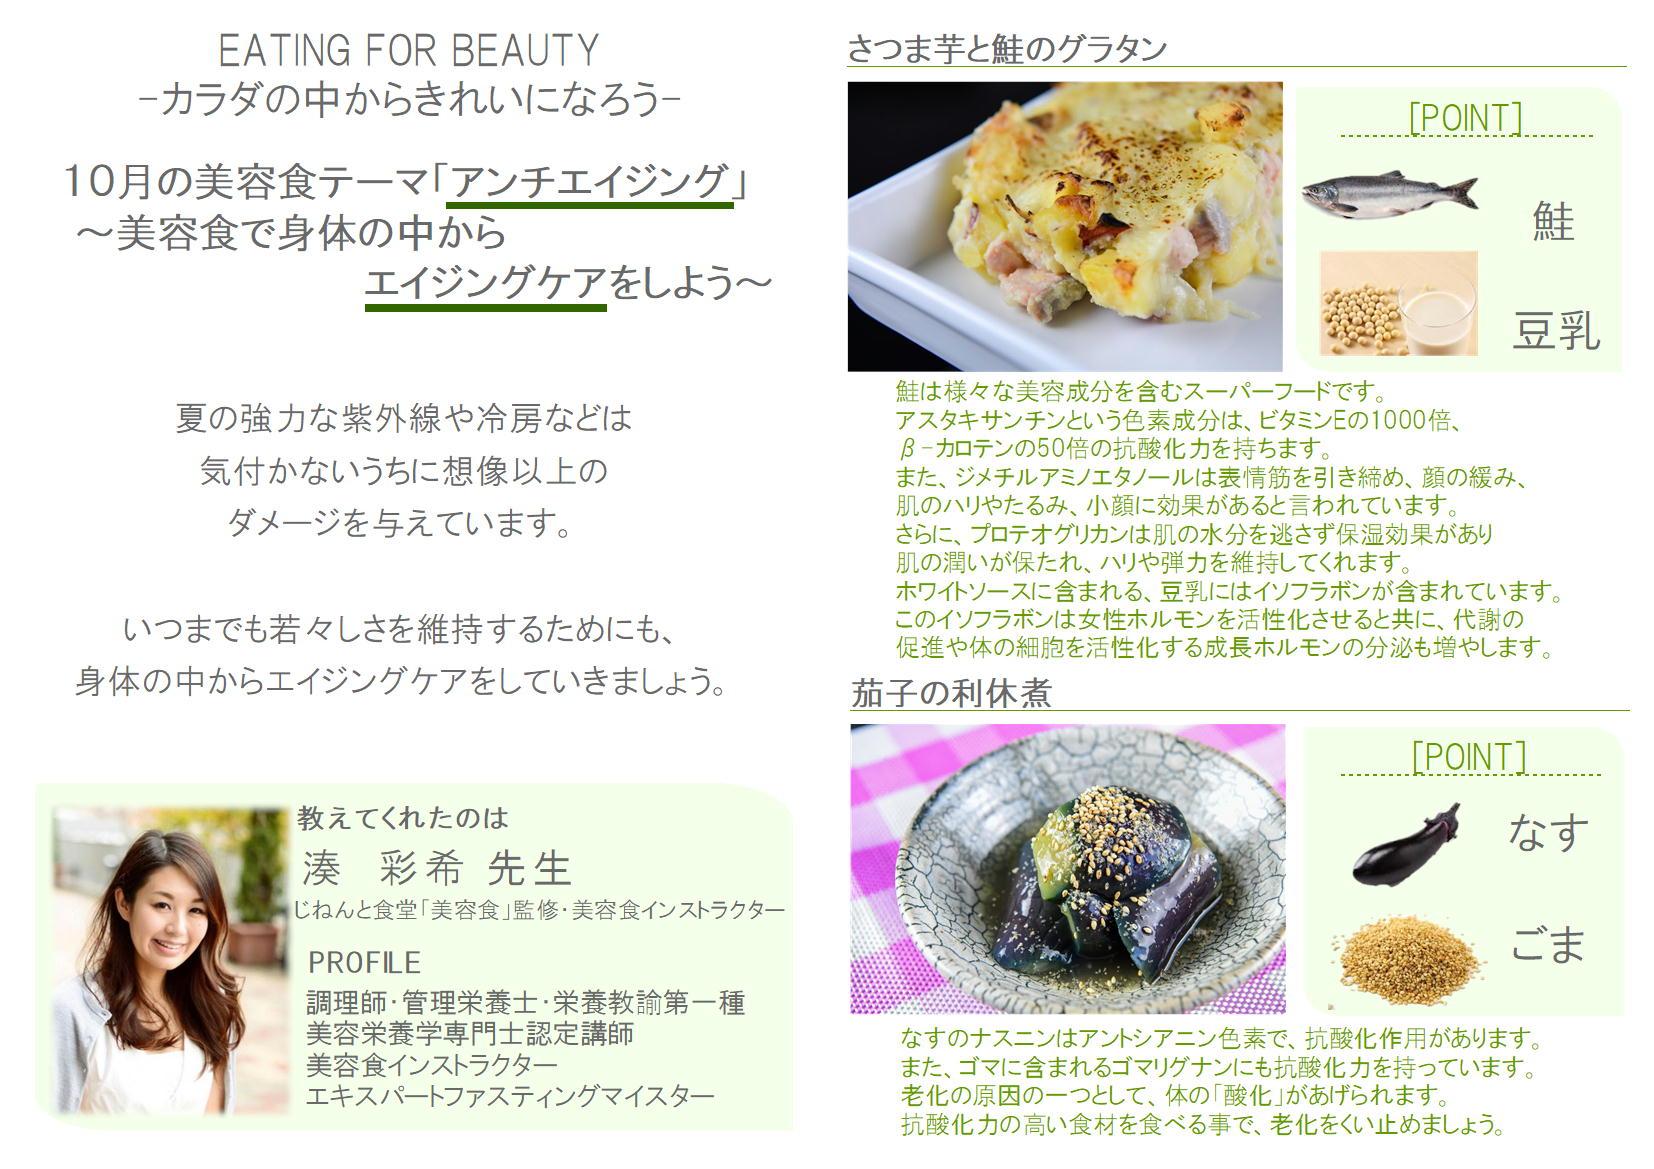 10月の美容食メニュー